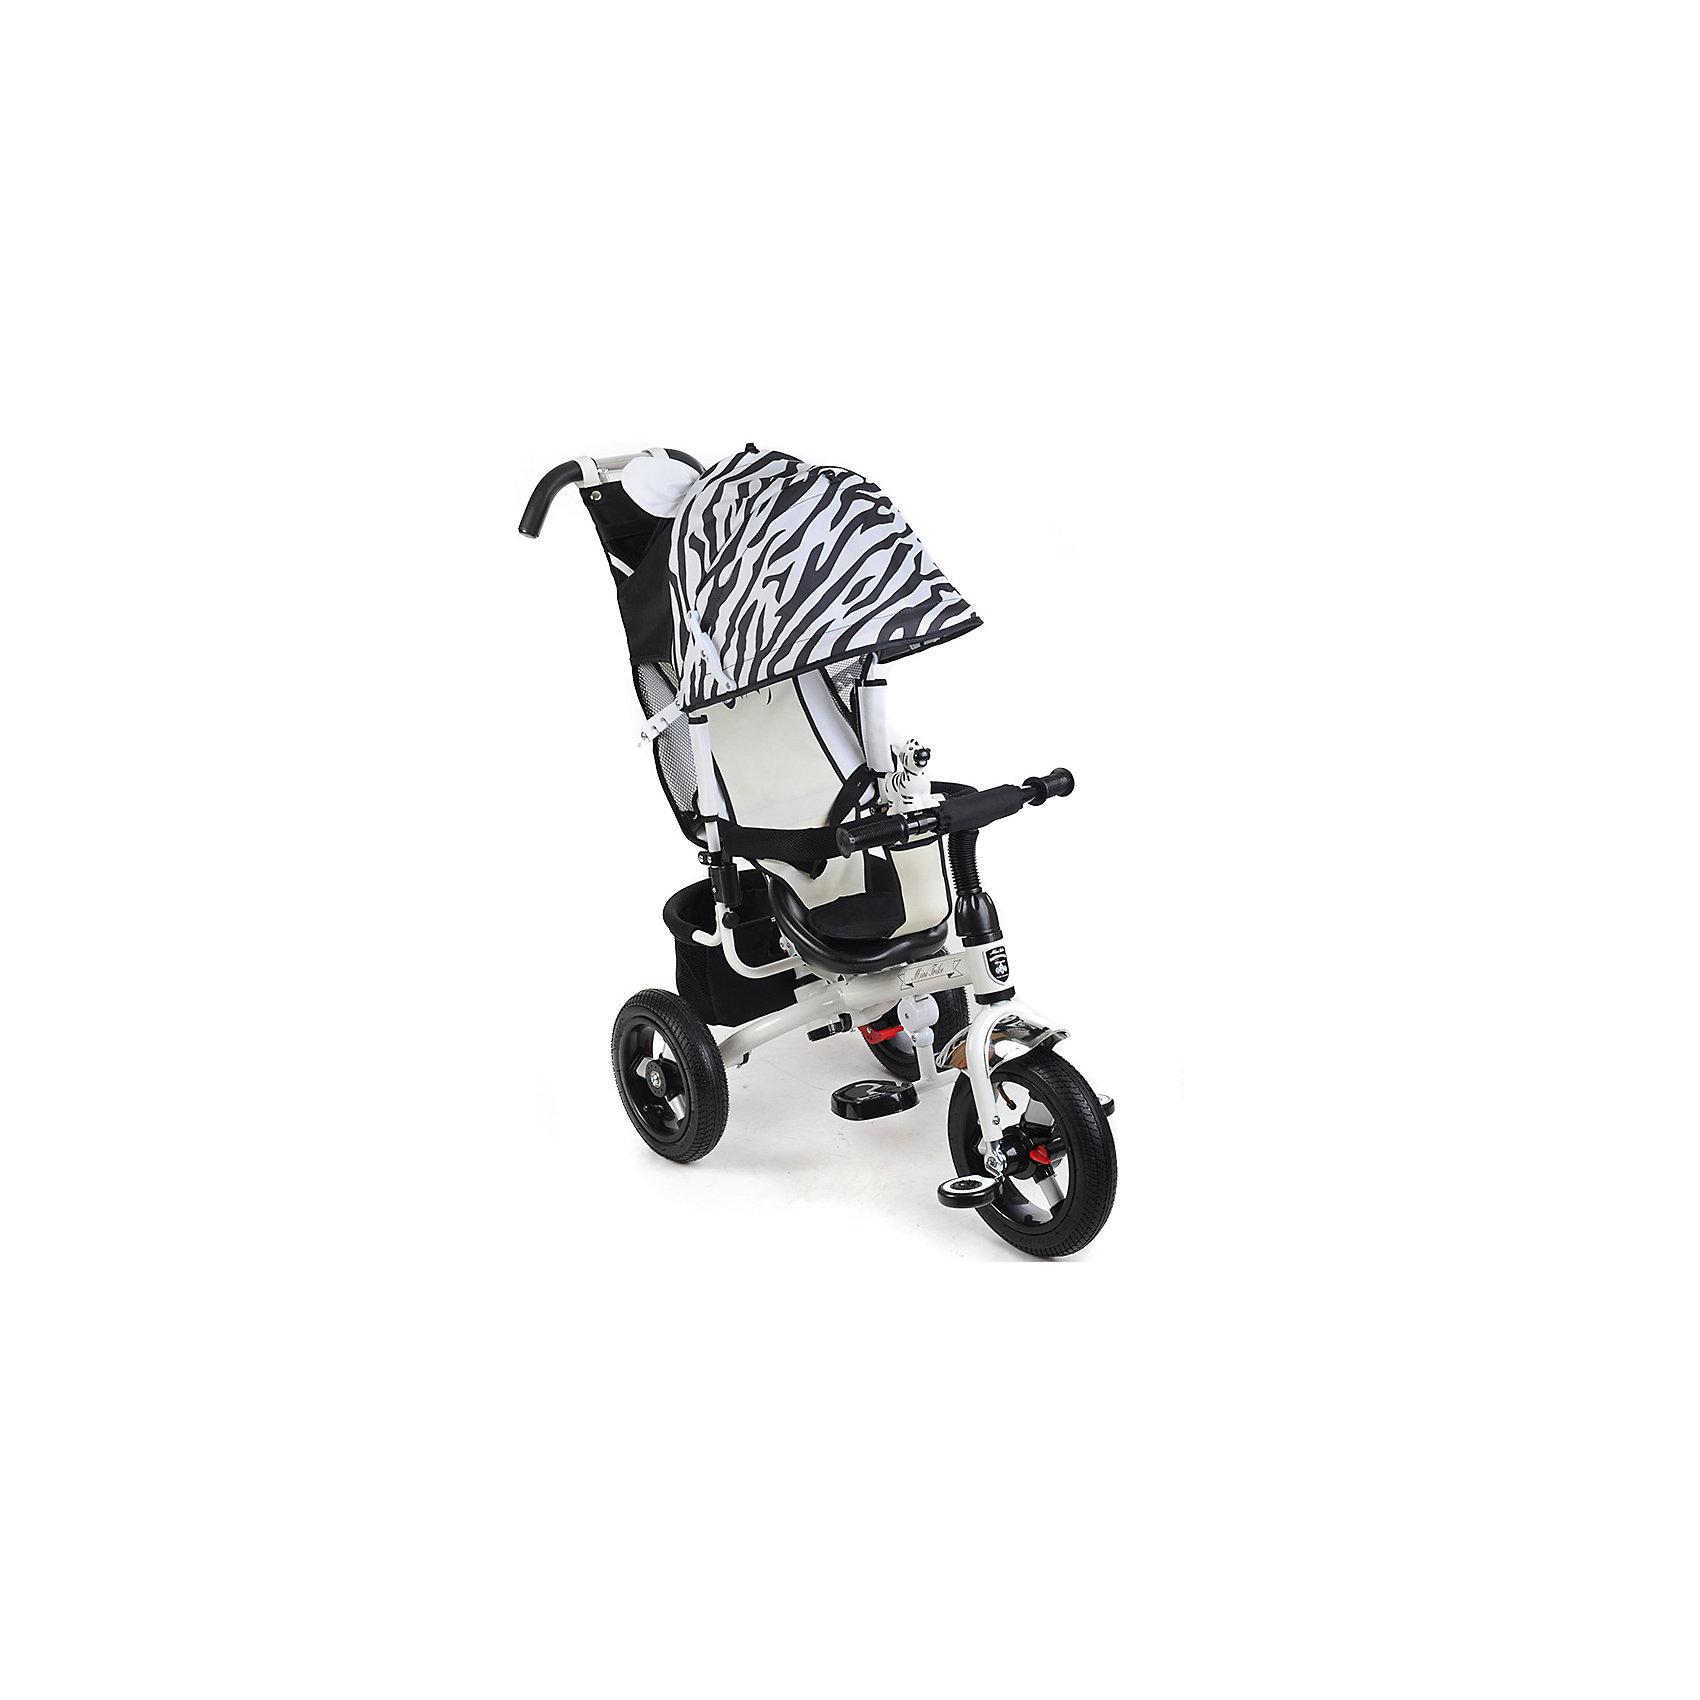 Велосипед трехколесный Зебра, MINI TRIKEКрасивый и удобный велосипед - предмет желаний огромного количества детей! Также для родителей он сможет выполнять функции коляски. Велосипед приводится в действие, когда начинаешь крутить педали. На нем очень комфортно ездить благодаря продуманному размеру колес, их размер точно вымерен для того, чтобы обеспечить устойчивость на поворотах. С помощью велосипеда ребенок будет развивать внимательность и пространственное мышление, а также учиться правильно использовать пространство.<br>Велосипед выполнен в стильной расцветке, он произведен из высококачественных материалов. Эти материалы безопасны для ребенка. Он имеет созданную специалистами конструкцию, которая обеспечит ребенку комфорт и безопасность.<br><br>Дополнительная информация:<br><br>цвет: черный, белый;<br>подножка складывается;<br>сиденье с высокой воздухопроницаемой спинкой и с мягким тканевым вкладышем;<br>можно увеличить или уменьшить расстояние от сиденья до руля;<br>пластиковые колеса диаметром 12 и 10 (переднее и задние соответственно);<br>ножной тормоз на задние колеса;<br>регулируемый большой капор с фиксатором уровней открытости;<br>разъемный навес;<br>смотровое окно в задней части навеса;<br>удобный вместительный багажник;<br>сумочка для мелочей на ручке управления;<br>клаксон-игрушка.<br>размер: 83x49x100 см.<br><br>Велосипед трехколесный Зебра, от марки MINI TRIKE можно купить в нашем магазине.<br><br>Ширина мм: 940<br>Глубина мм: 520<br>Высота мм: 1100<br>Вес г: 10500<br>Возраст от месяцев: 12<br>Возраст до месяцев: 60<br>Пол: Унисекс<br>Возраст: Детский<br>SKU: 4715386